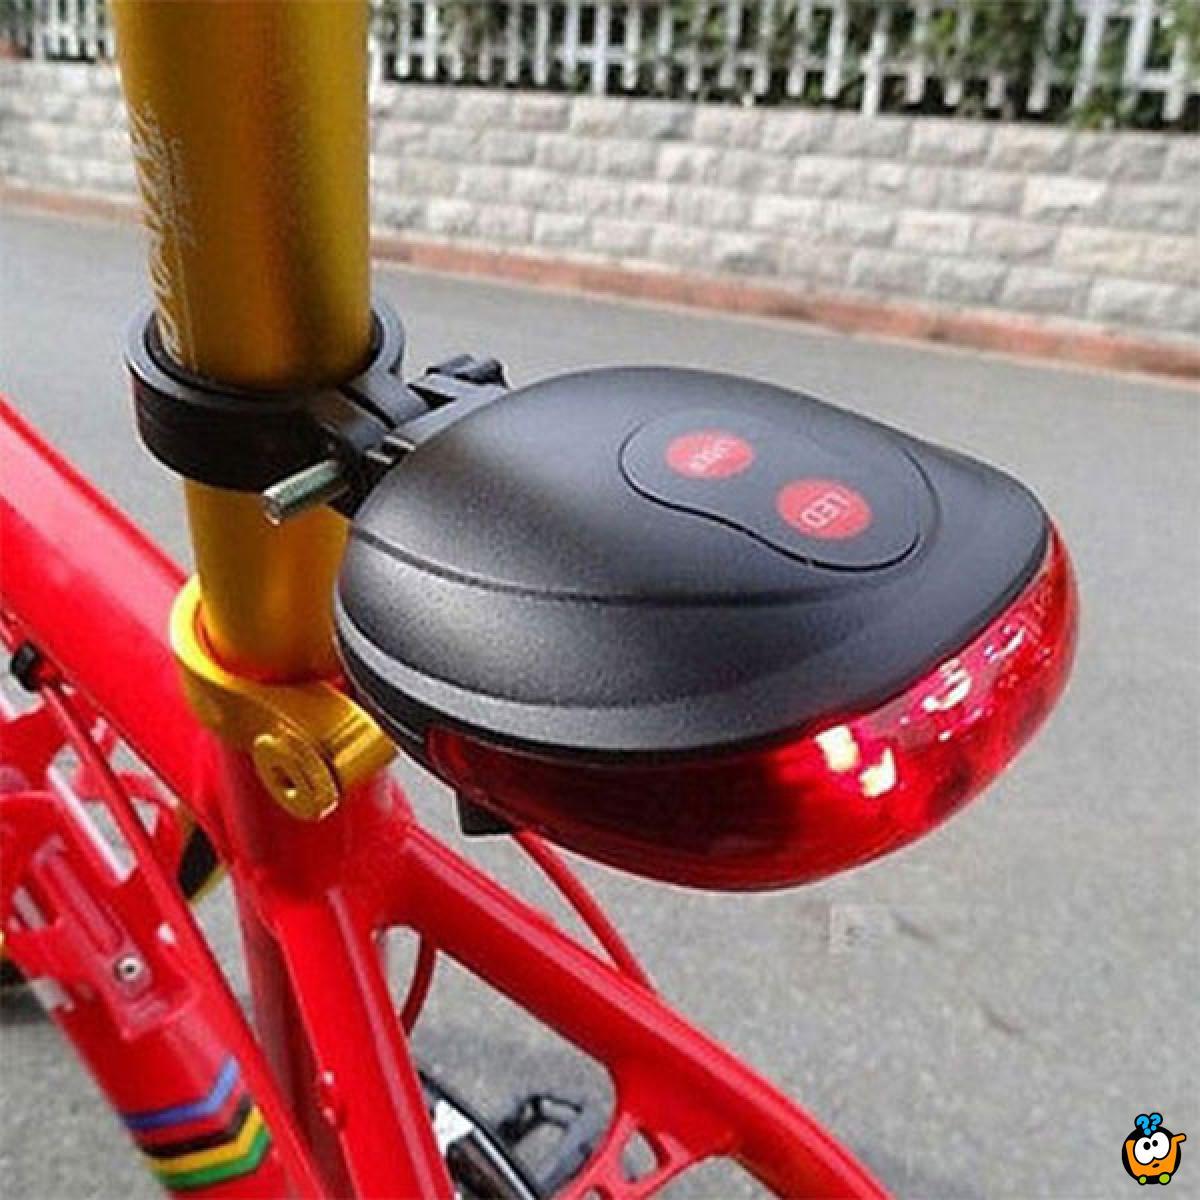 Zadnje svetlo za bicikl i dvostruki laser za odličnu vidljivost